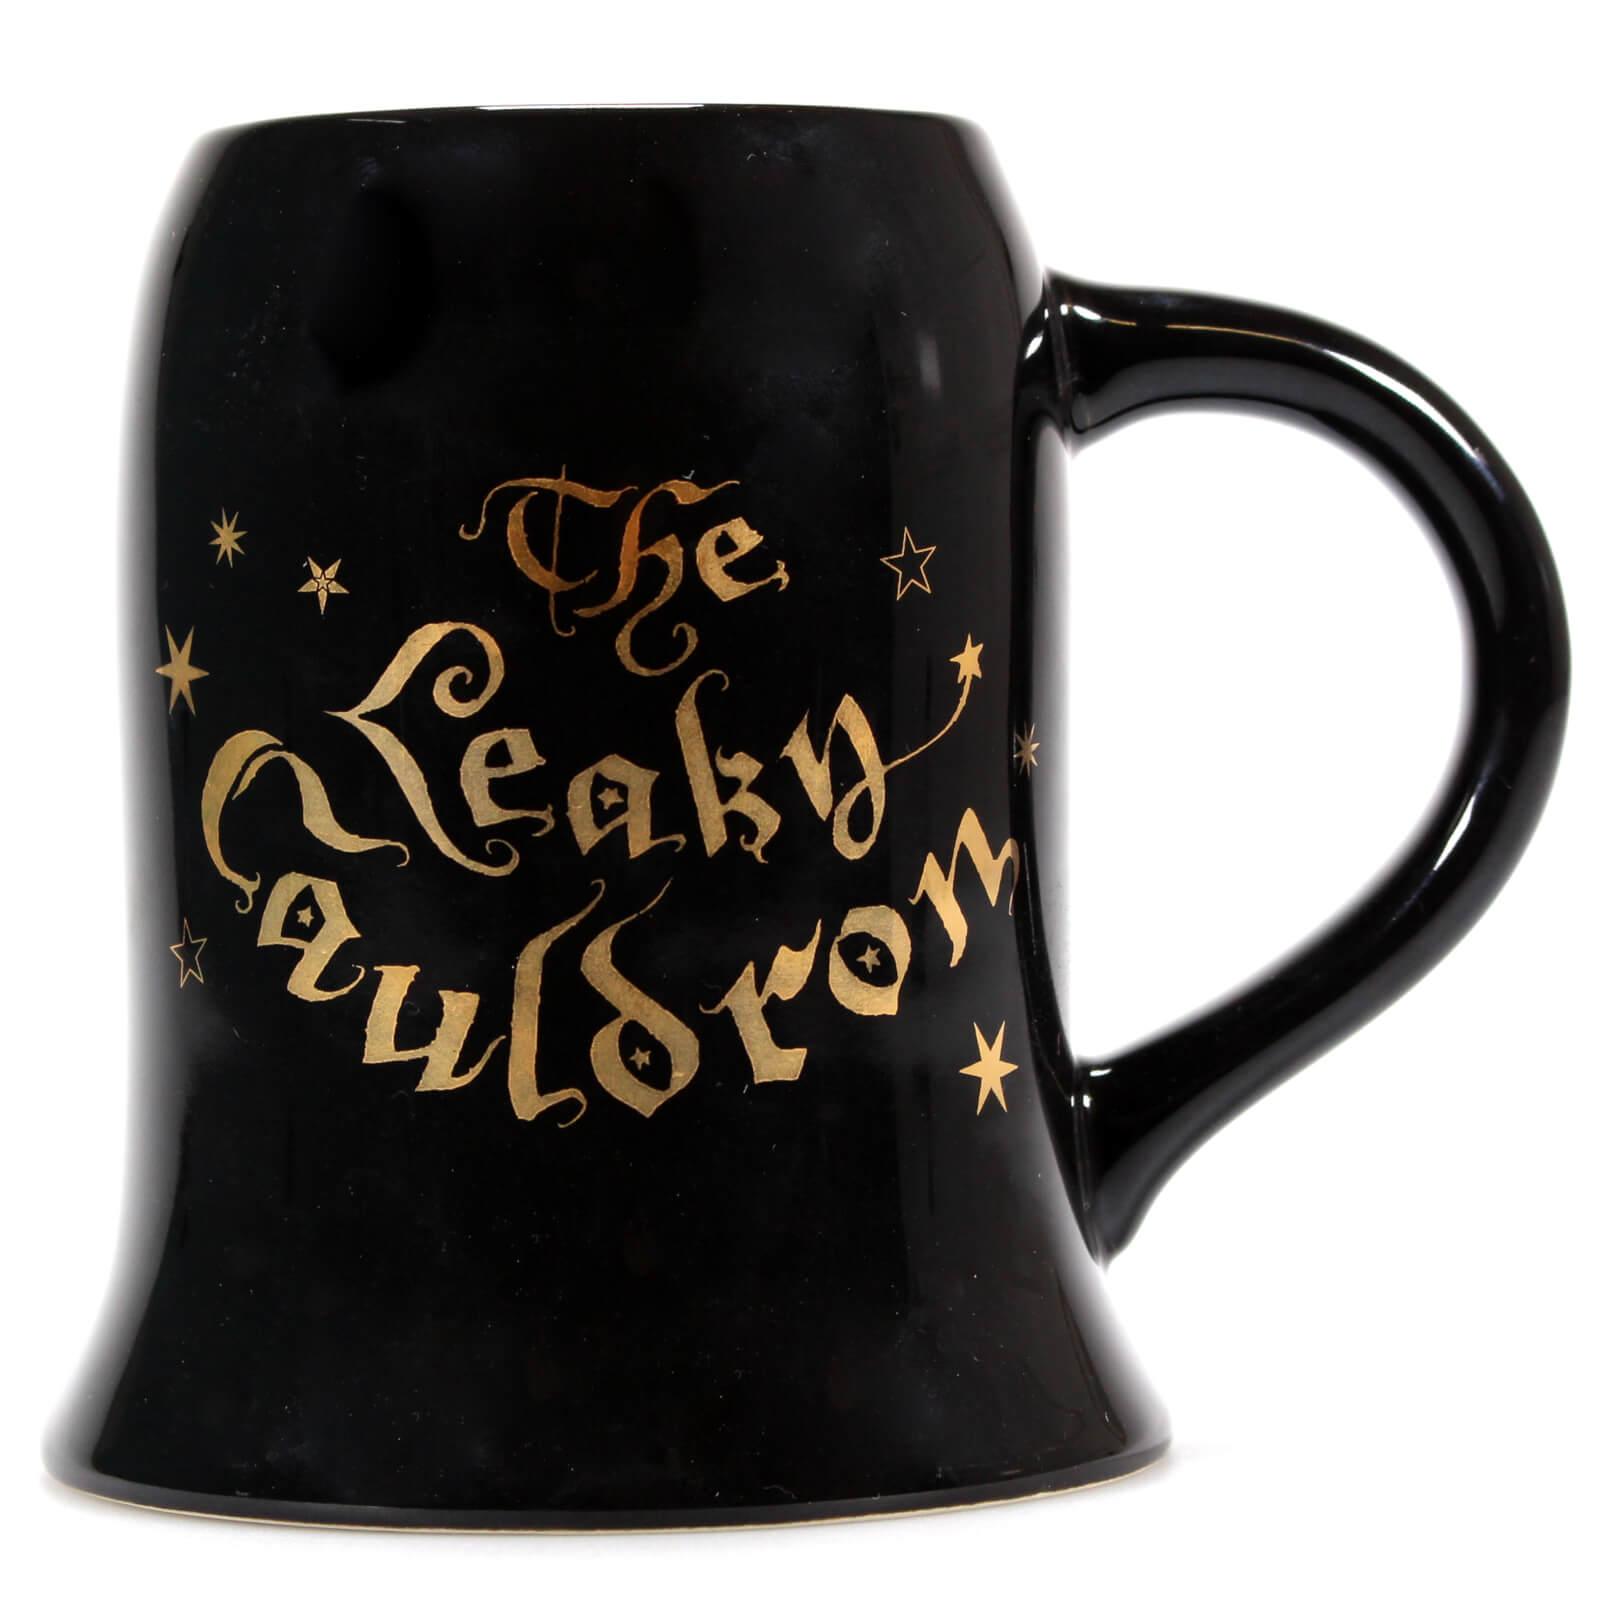 Image of Harry Potter Leaky Cauldron Mug